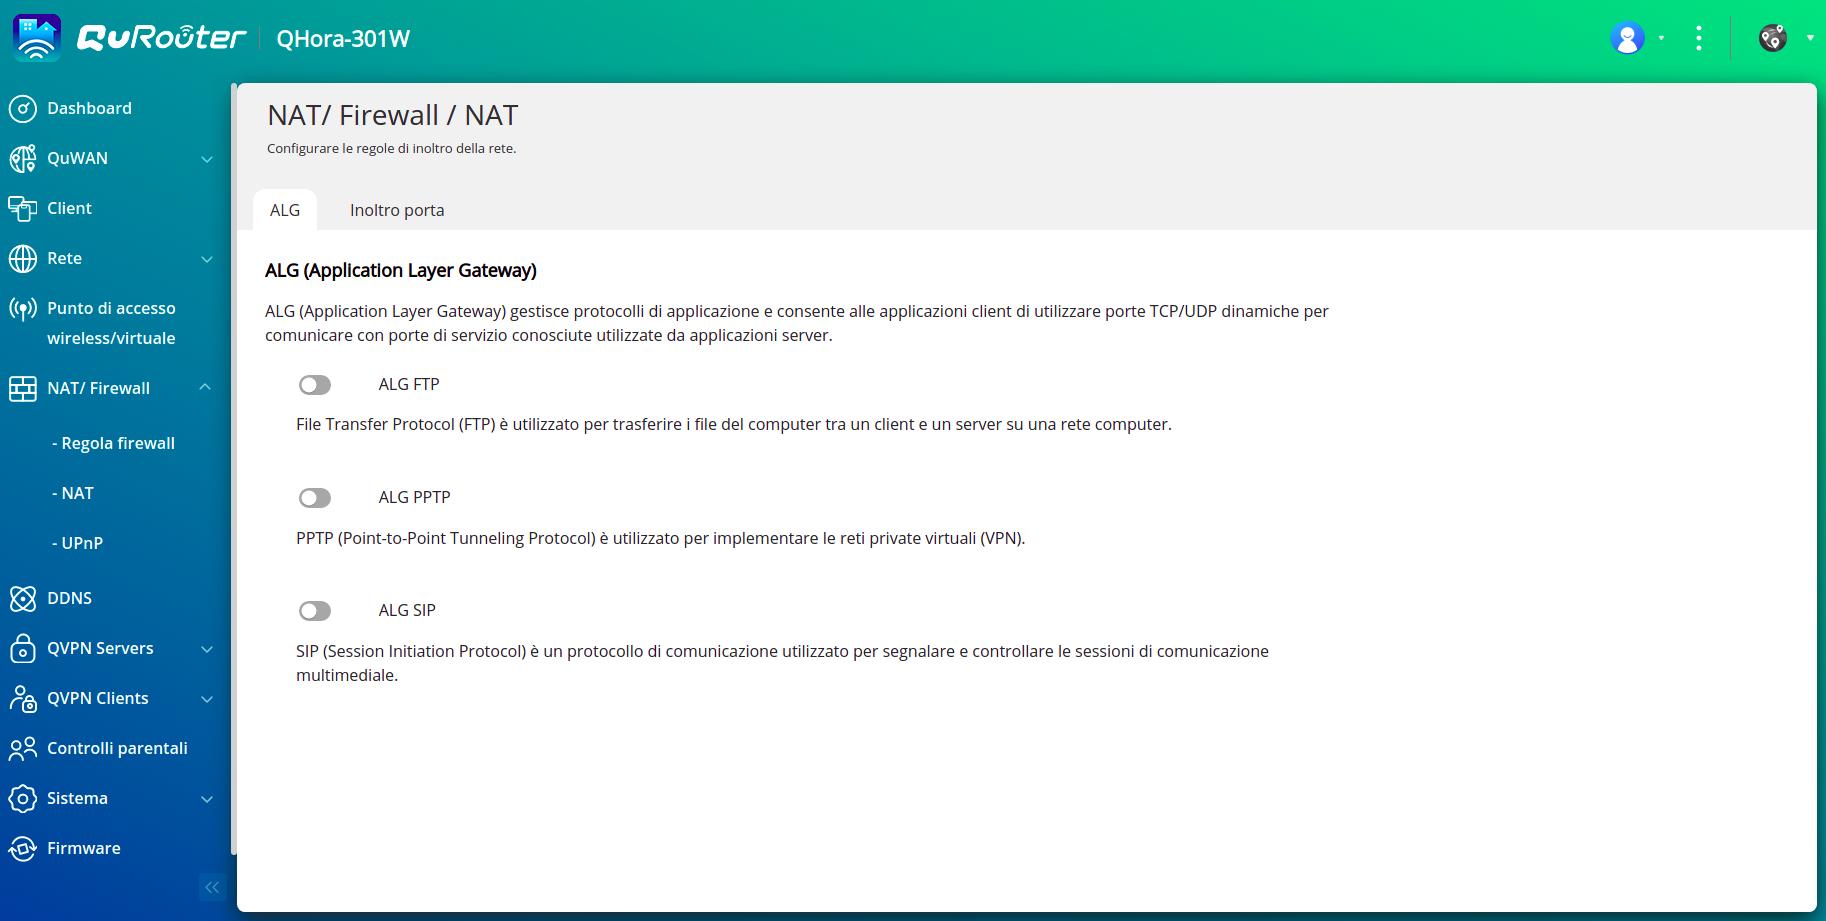 QNAP QHORA 301W - NAT - Firewall 2